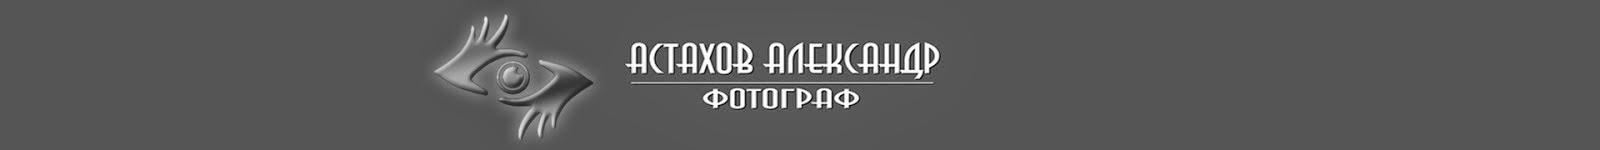 Свадебный и портретный фотограф Александр Астахов Липецк